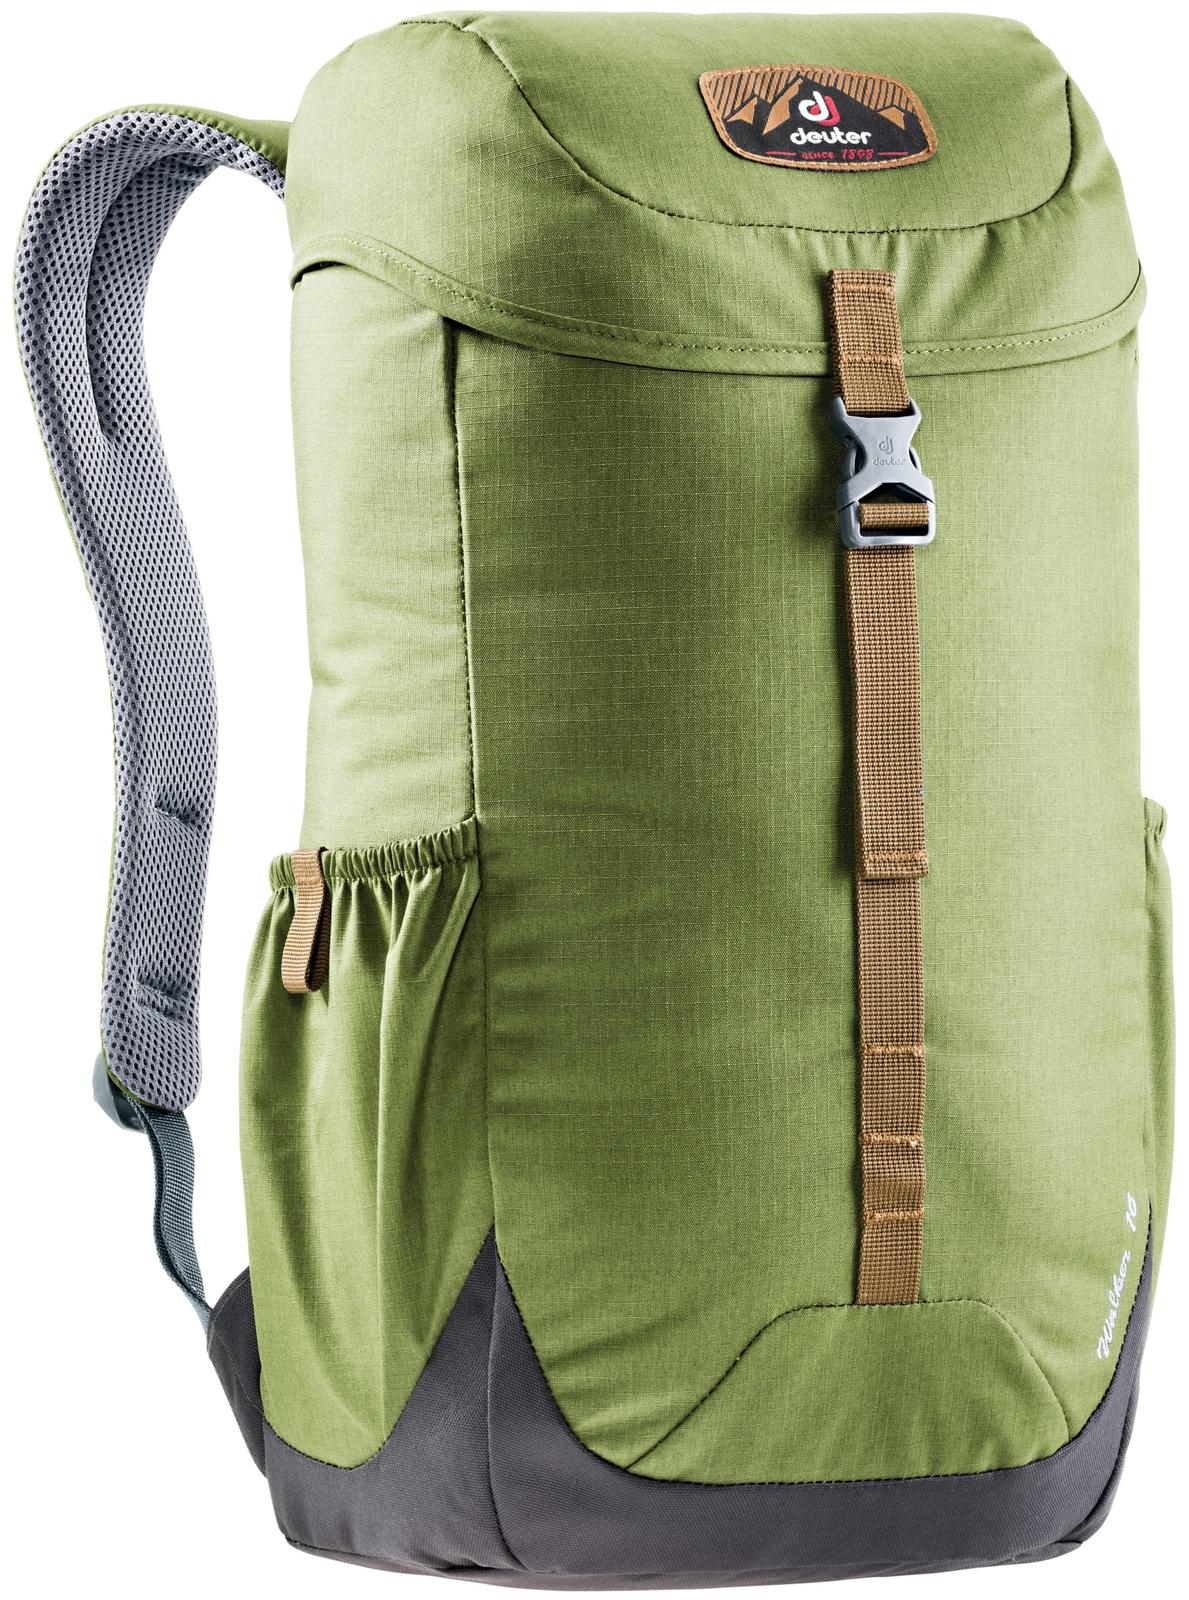 Рюкзак Deuter Walker 16, цвет: зеленый, оливковый deuter рюкзак stepout 12 без наполнения сине зеленый